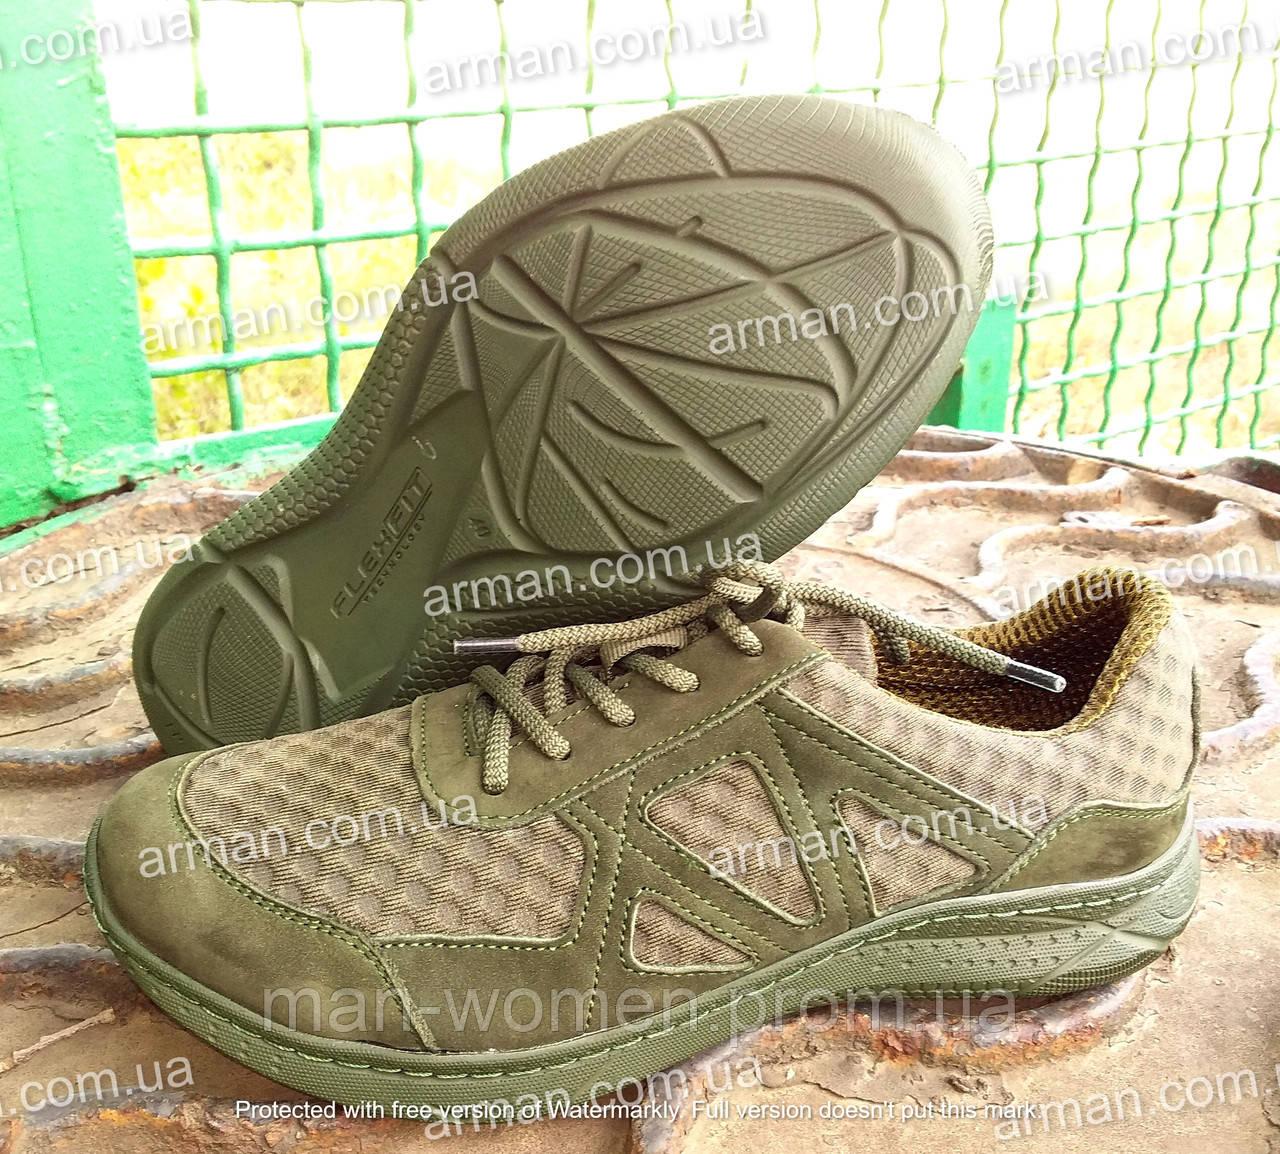 Летние тактические кроссовки для военных. Размеры: 36-45